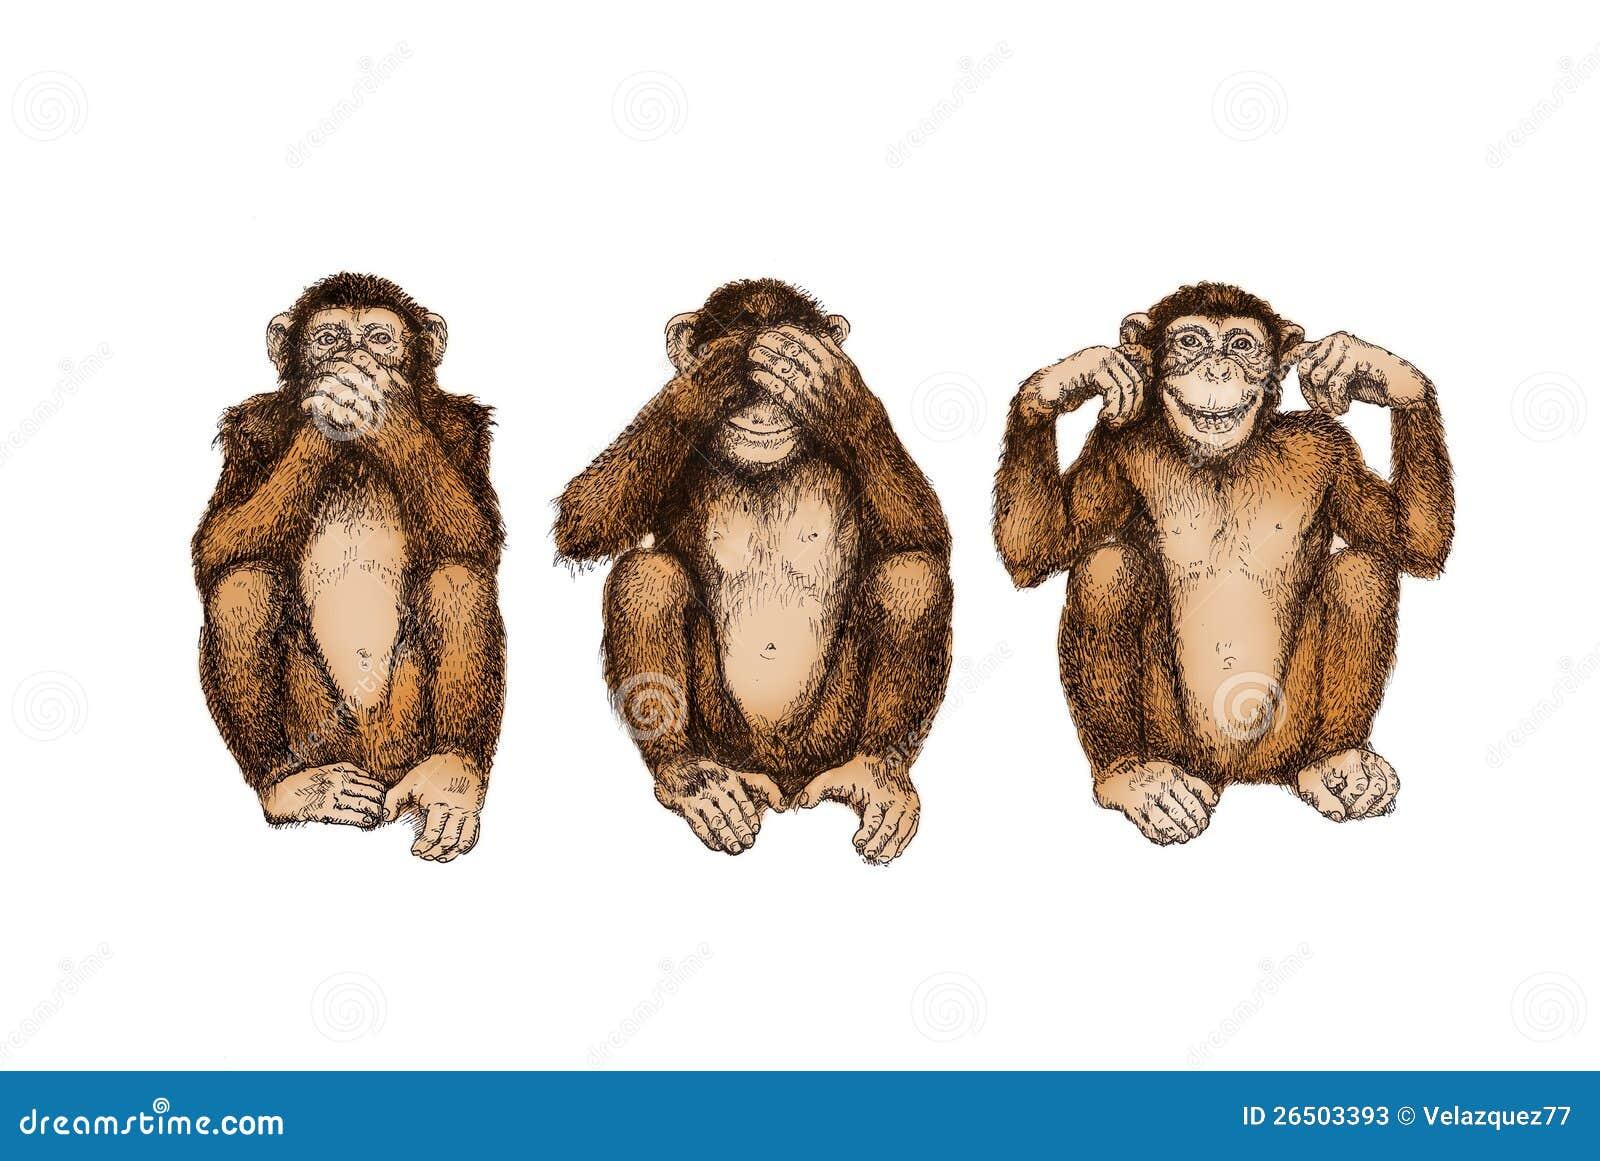 3 велемудрых обезьяны (см., те, поговорите никакое зло)